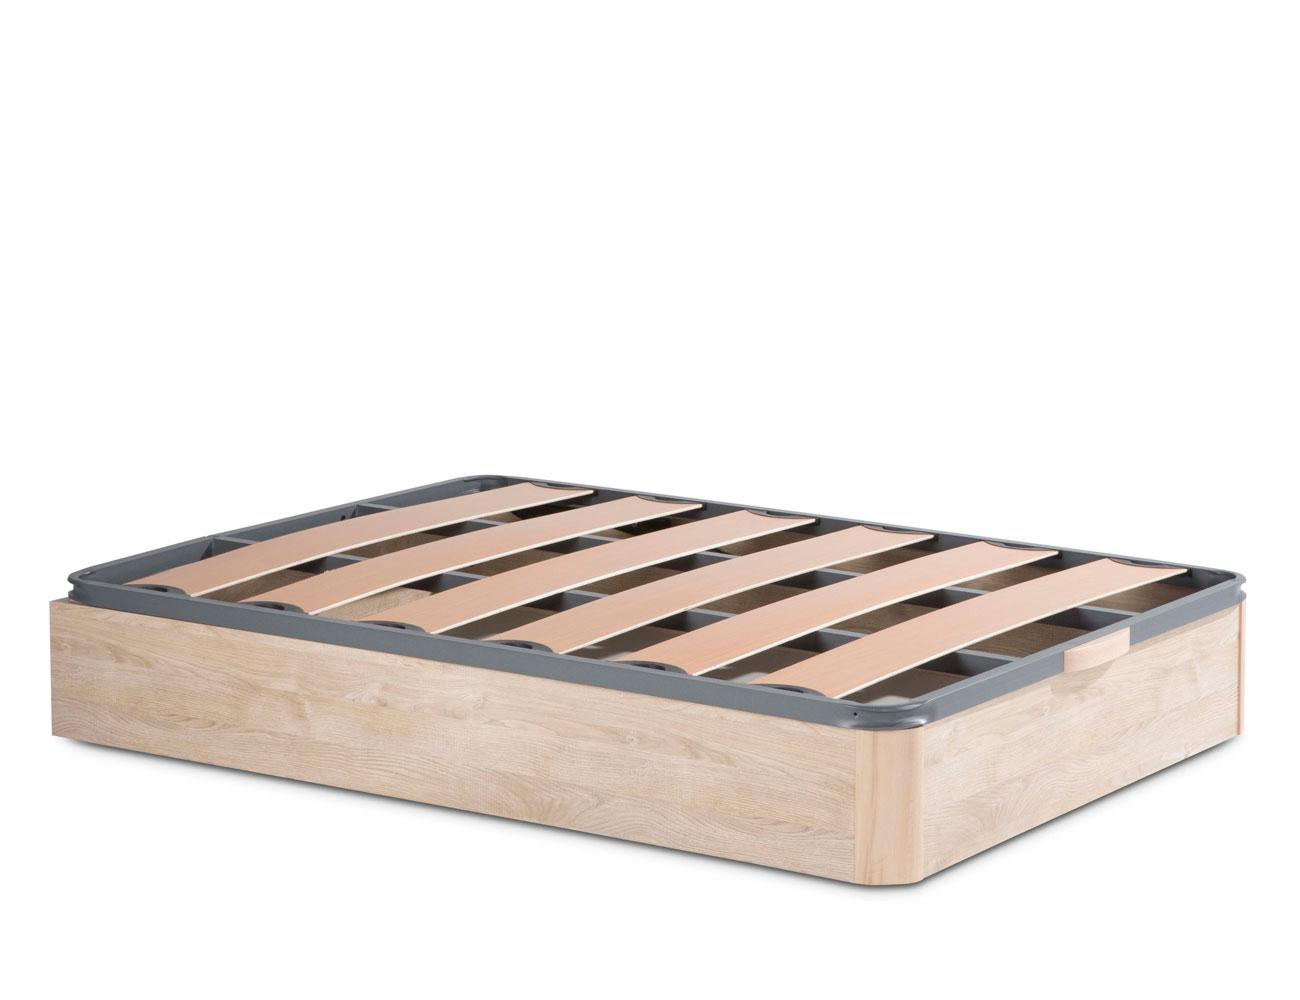 Canape madera somier laminas pvc 789